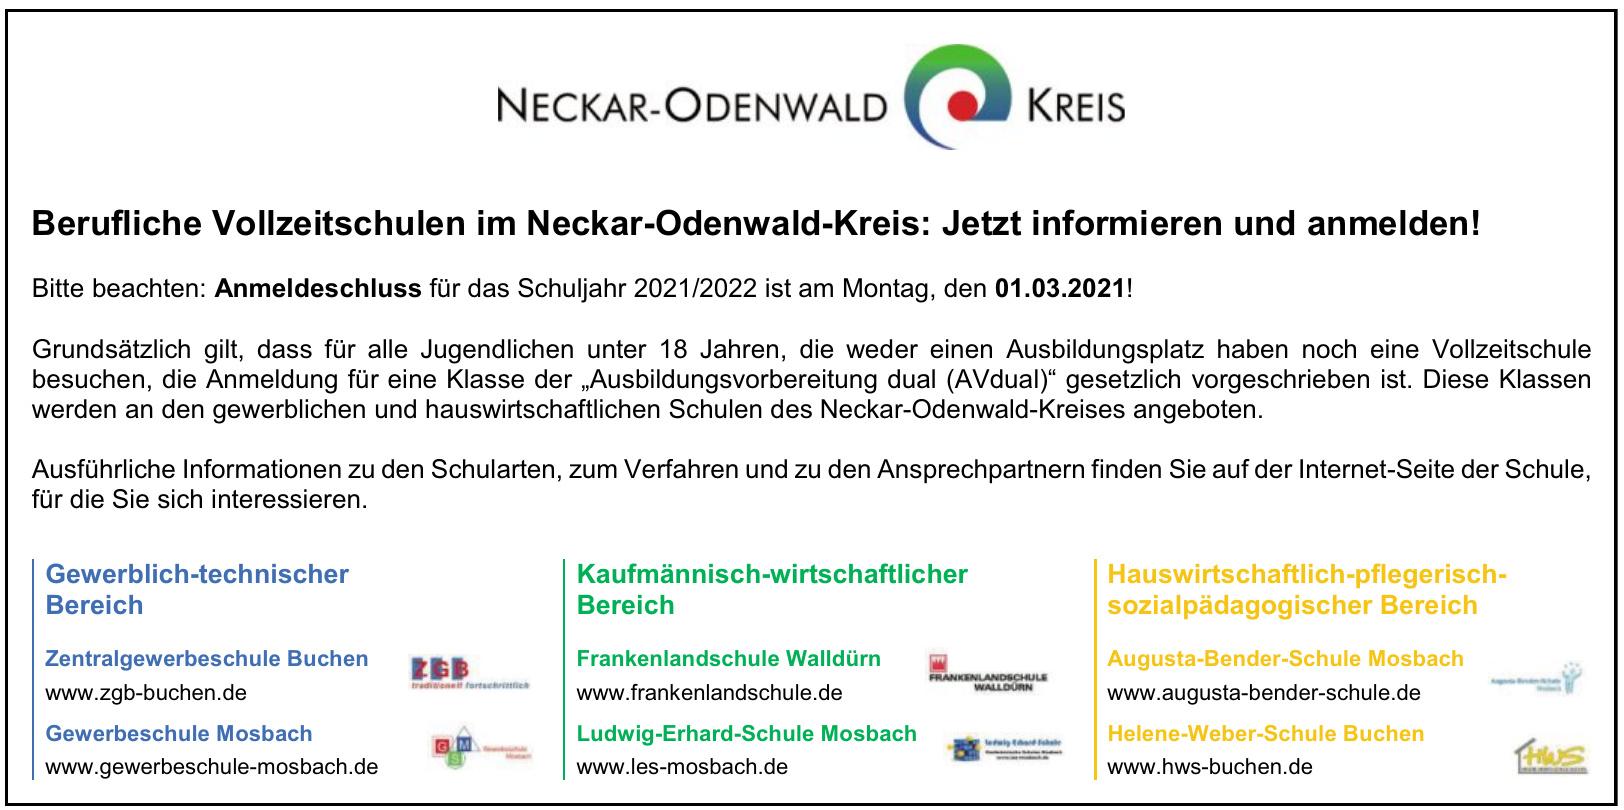 Berufliche Vollzeitschulen im Neckar-Odenwald-Kreis